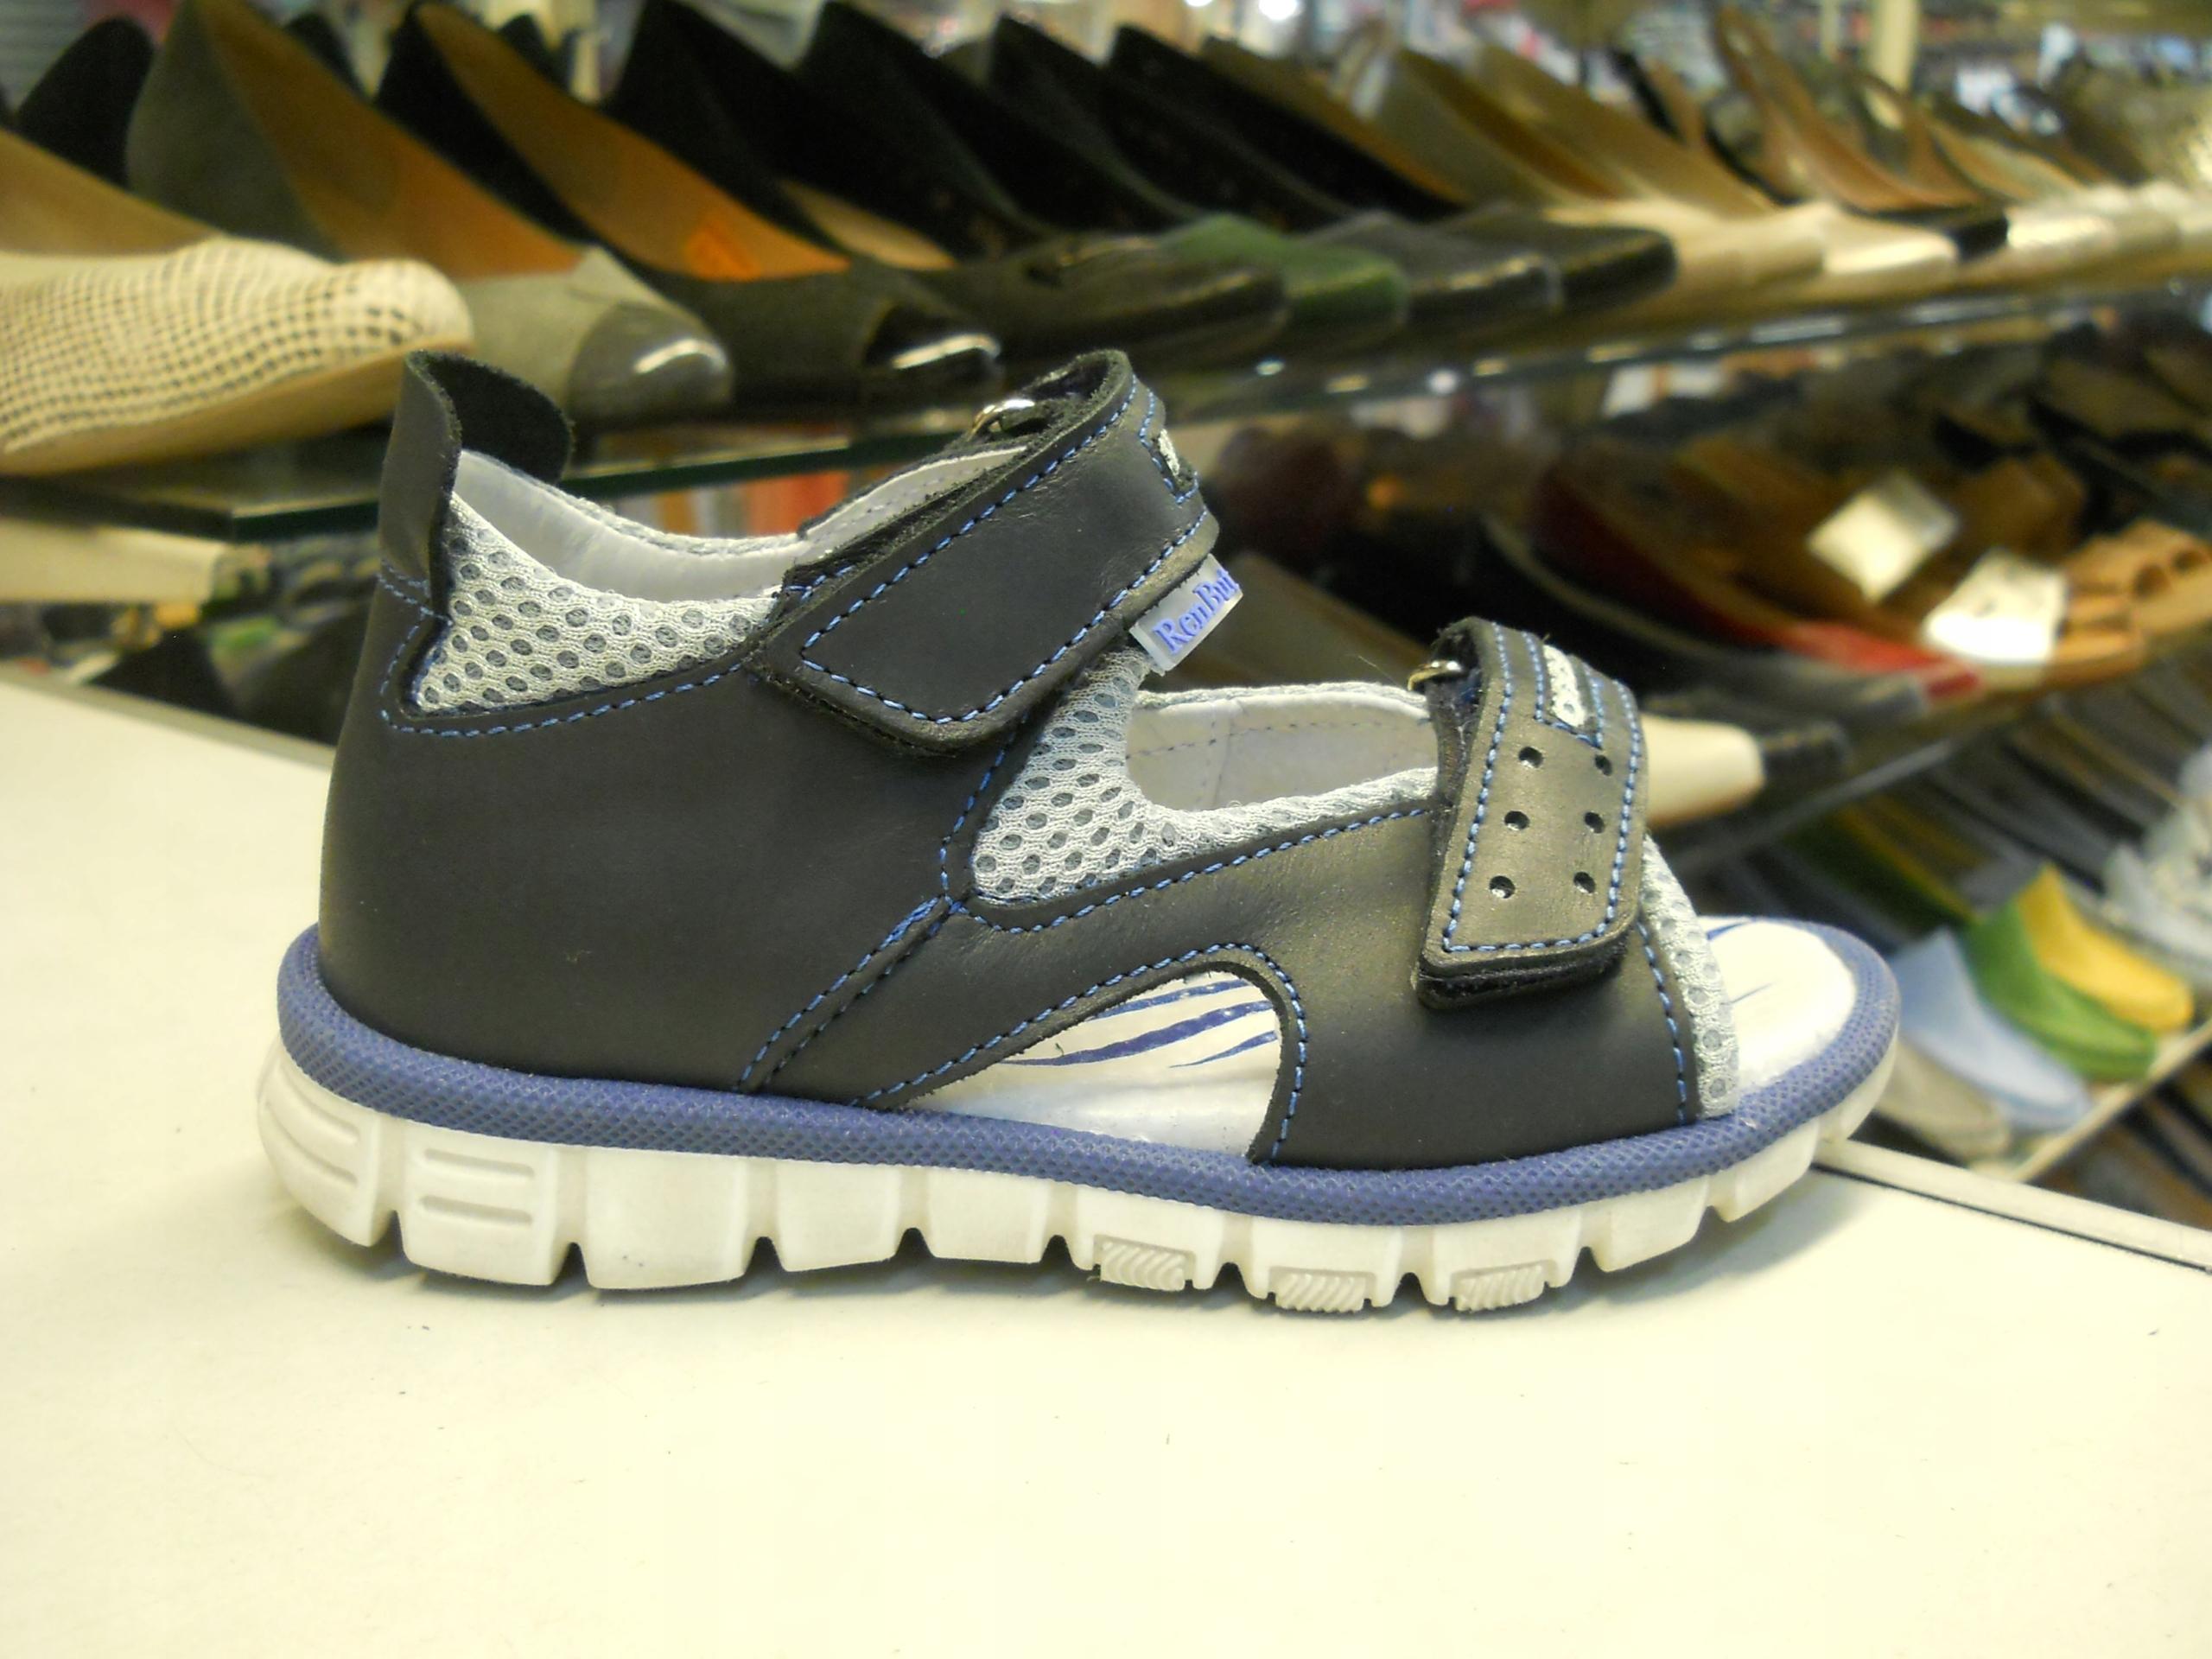 Sandałki chłopiec RenBut 3253 wkł. 16,4 cm. roz.26